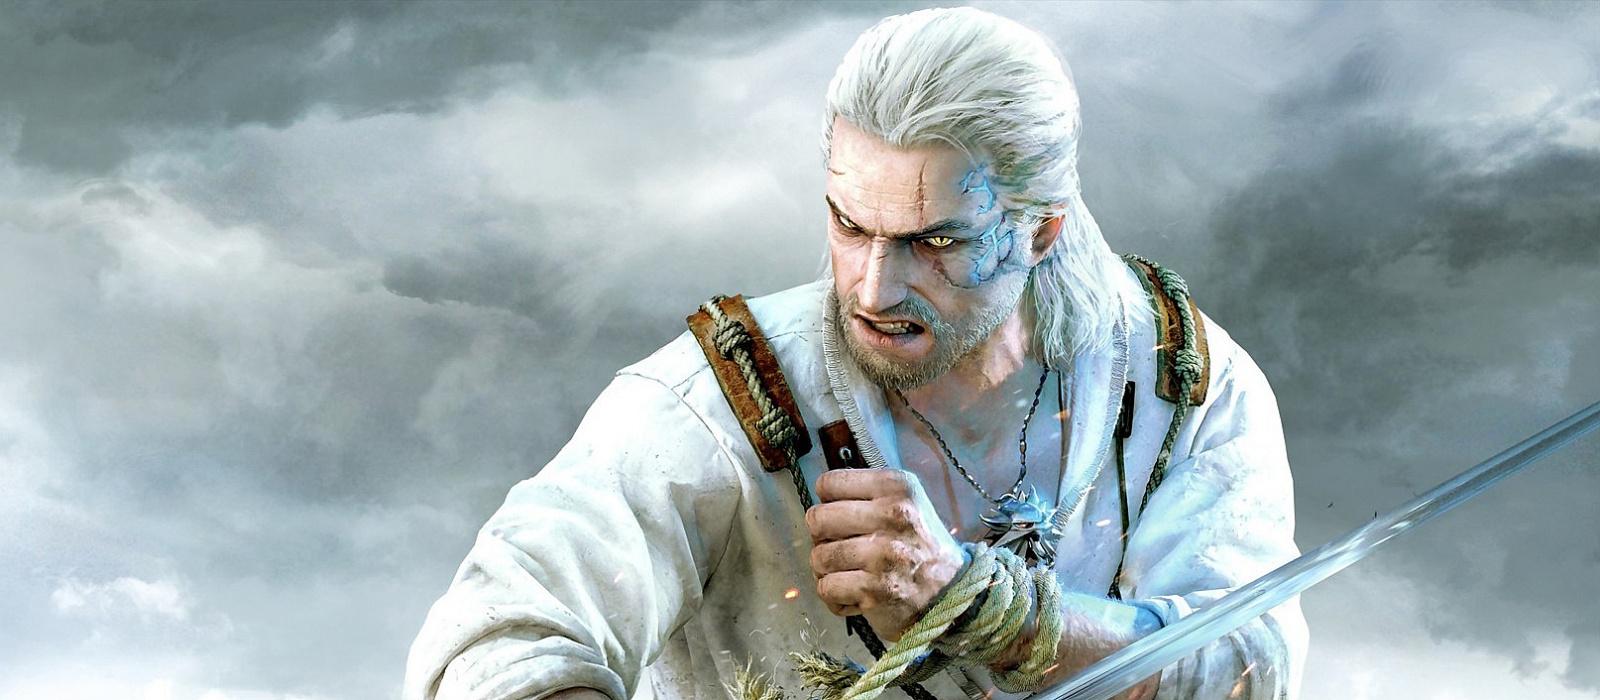 Ein lustiger Fehler in The Witcher 3 hat Geralt zu einer Brünetten gemacht.  Die Spieler sahen ihn als John Wick und Corvo von Dishonored